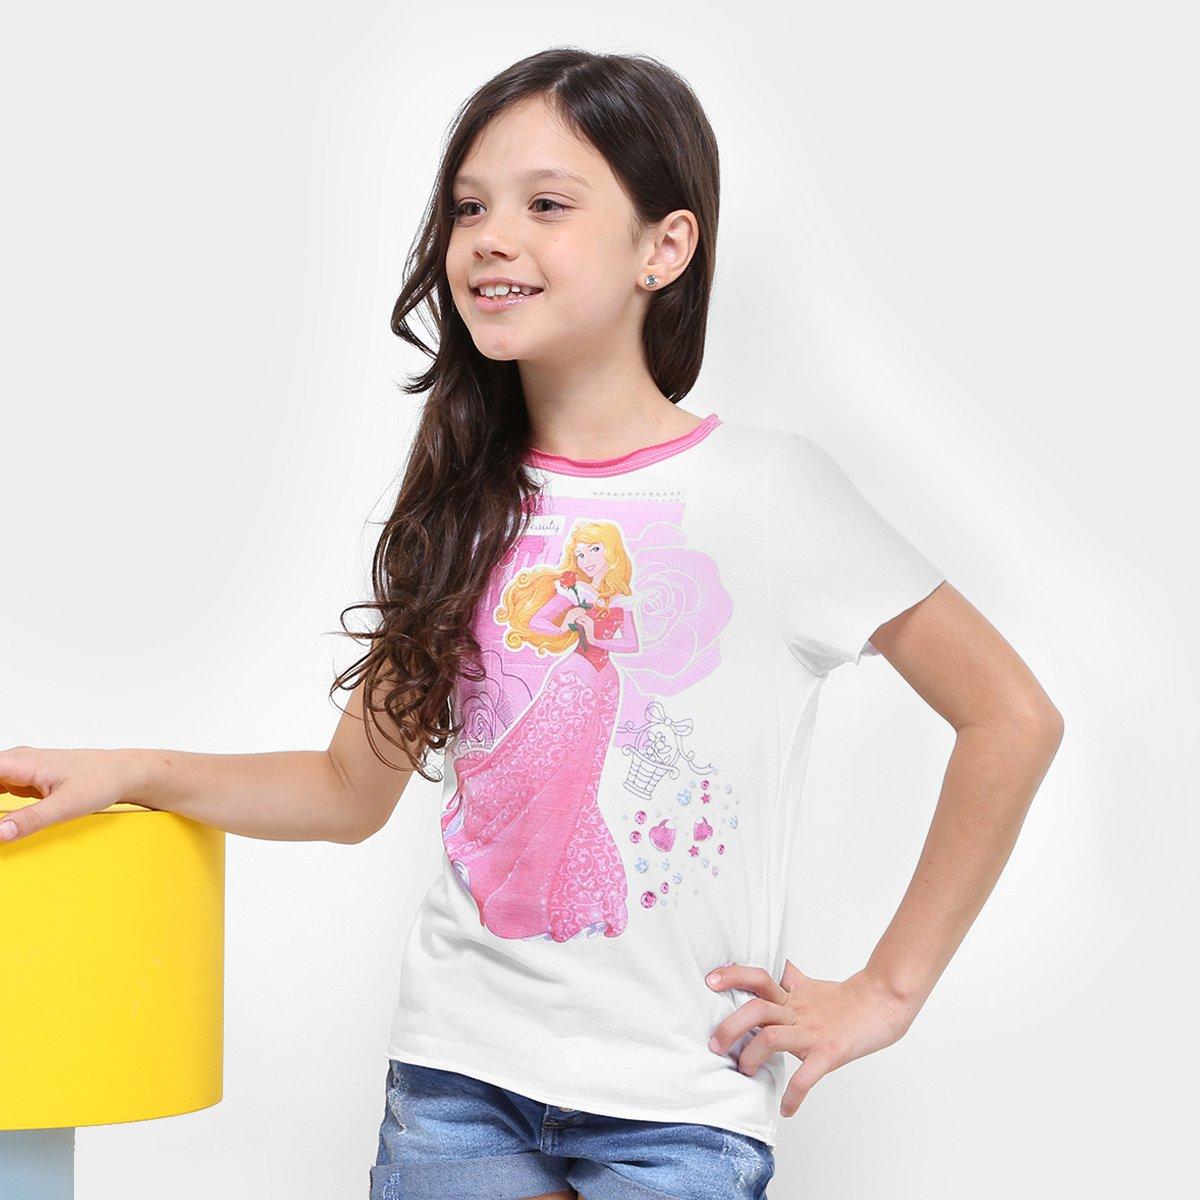 Camiseta Infantil Feminina Branco Disney Adormecida Disney Camiseta Bela Branco Adormecida Infantil Bela Feminina Camiseta CwRq4